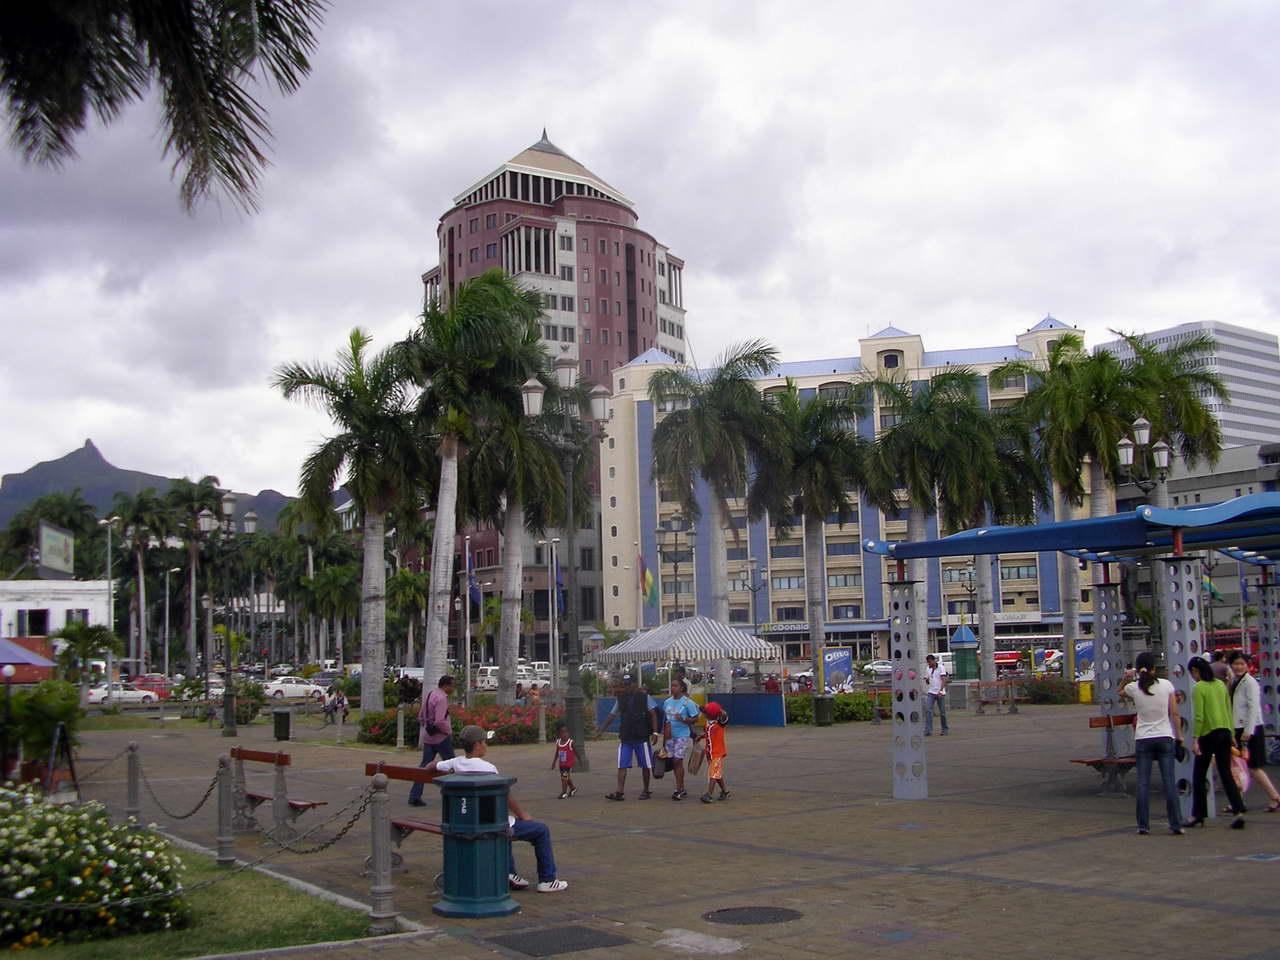 Port louis meddic - Where is port louis mauritius located ...